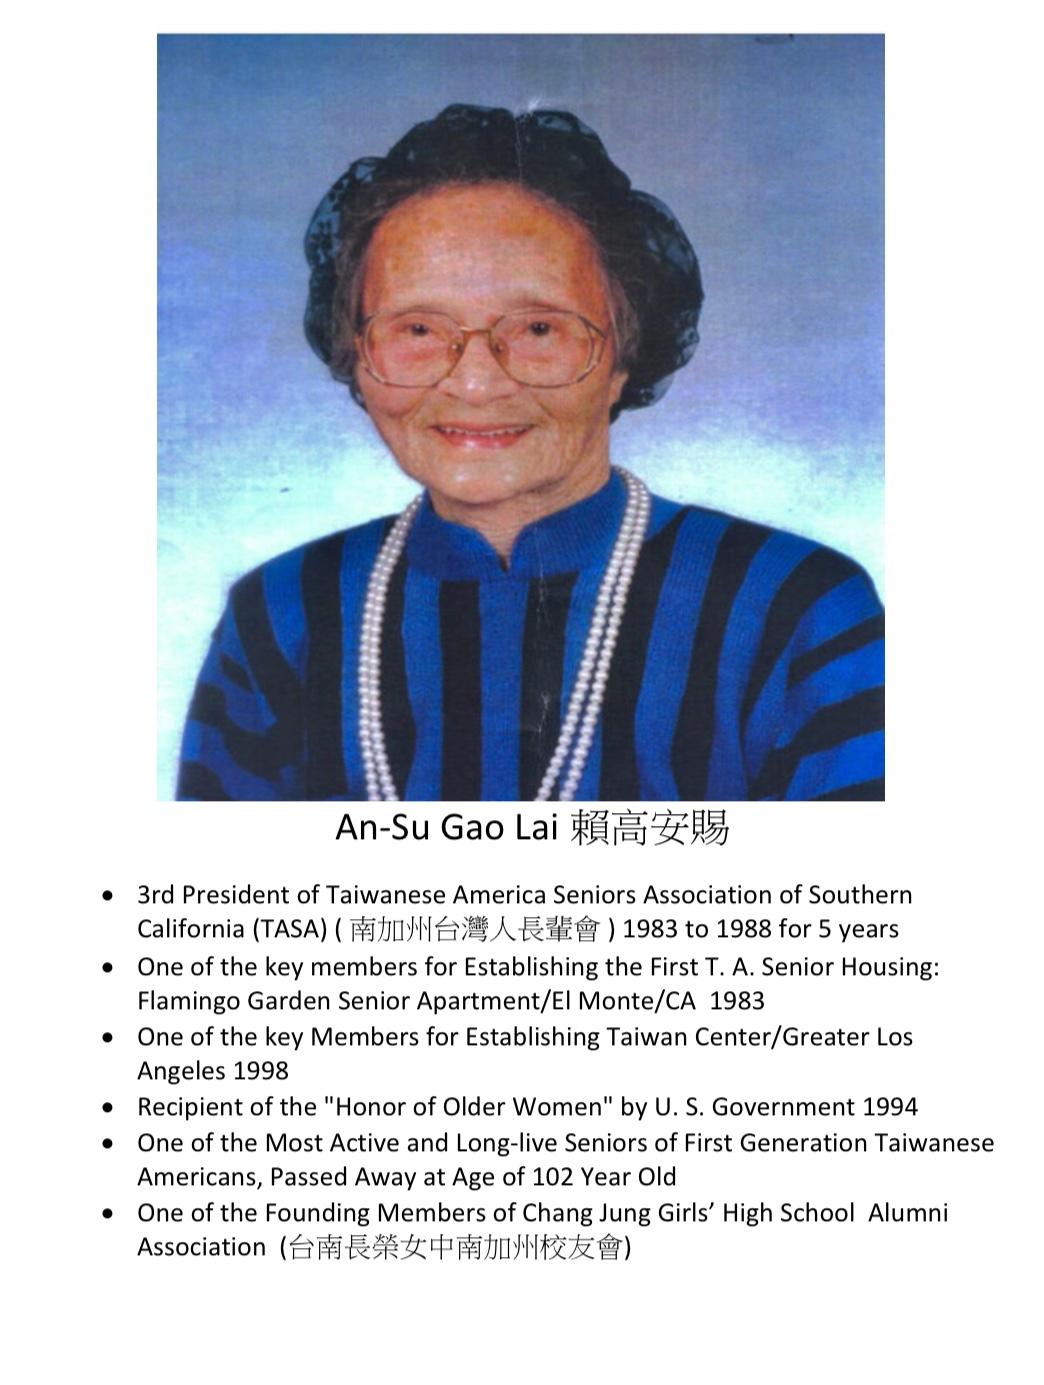 266. An-Su Gao Lai 賴高安賜